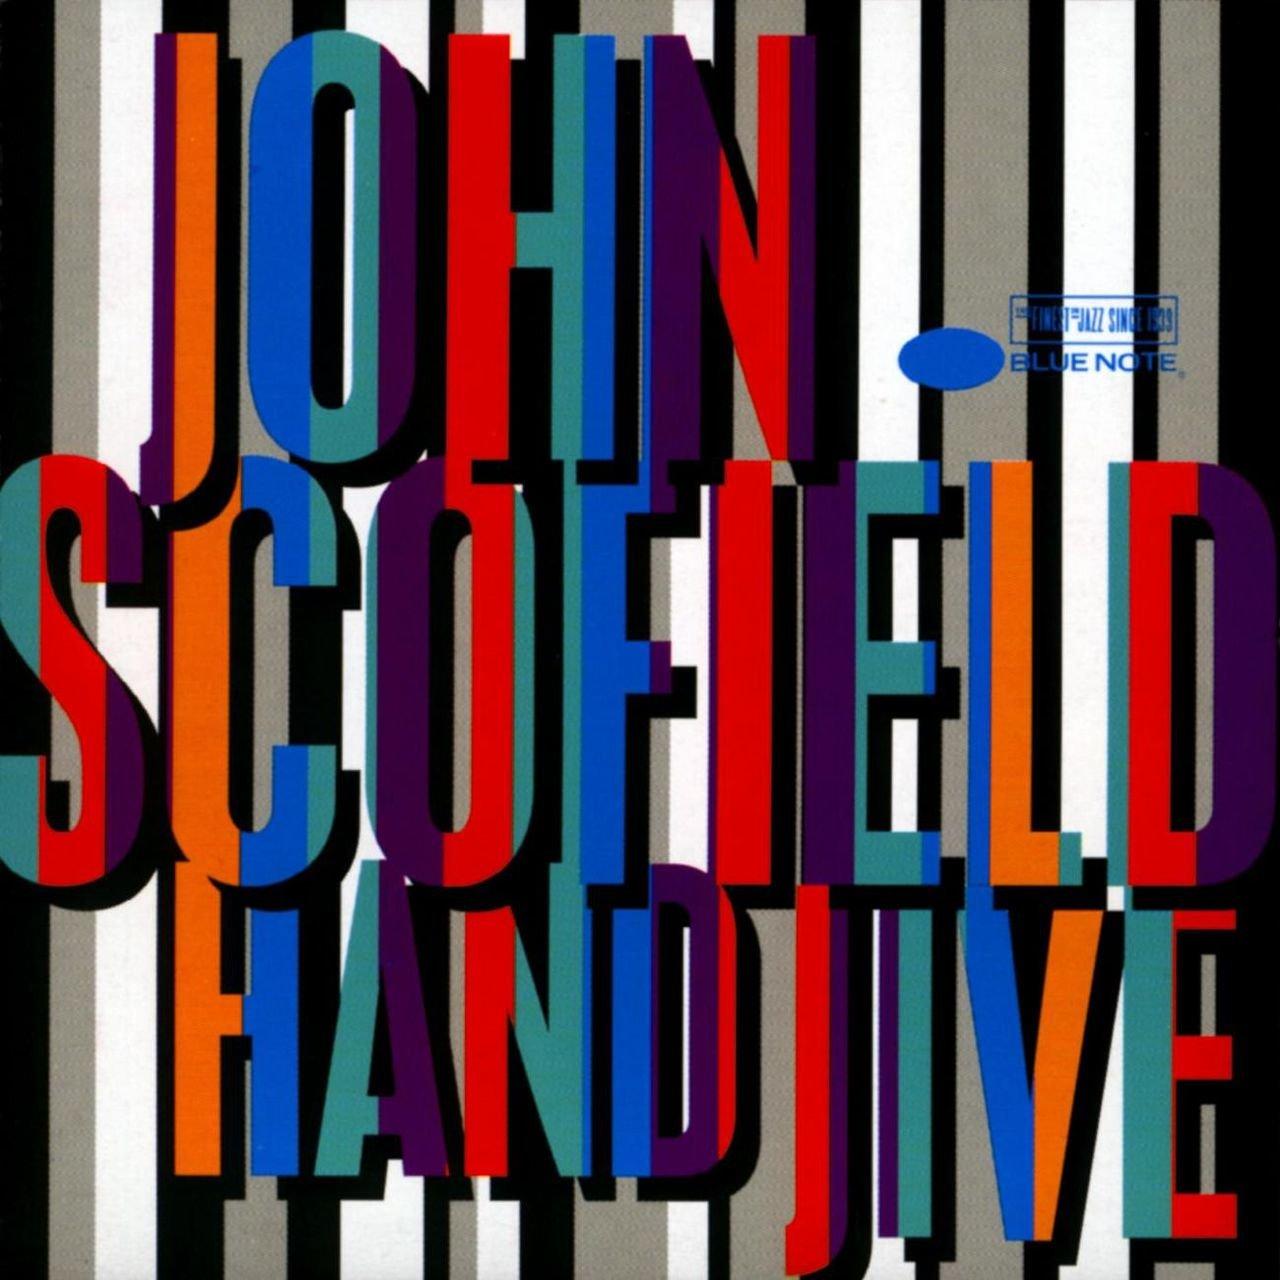 Resultado de imagen para john scofield hand jive